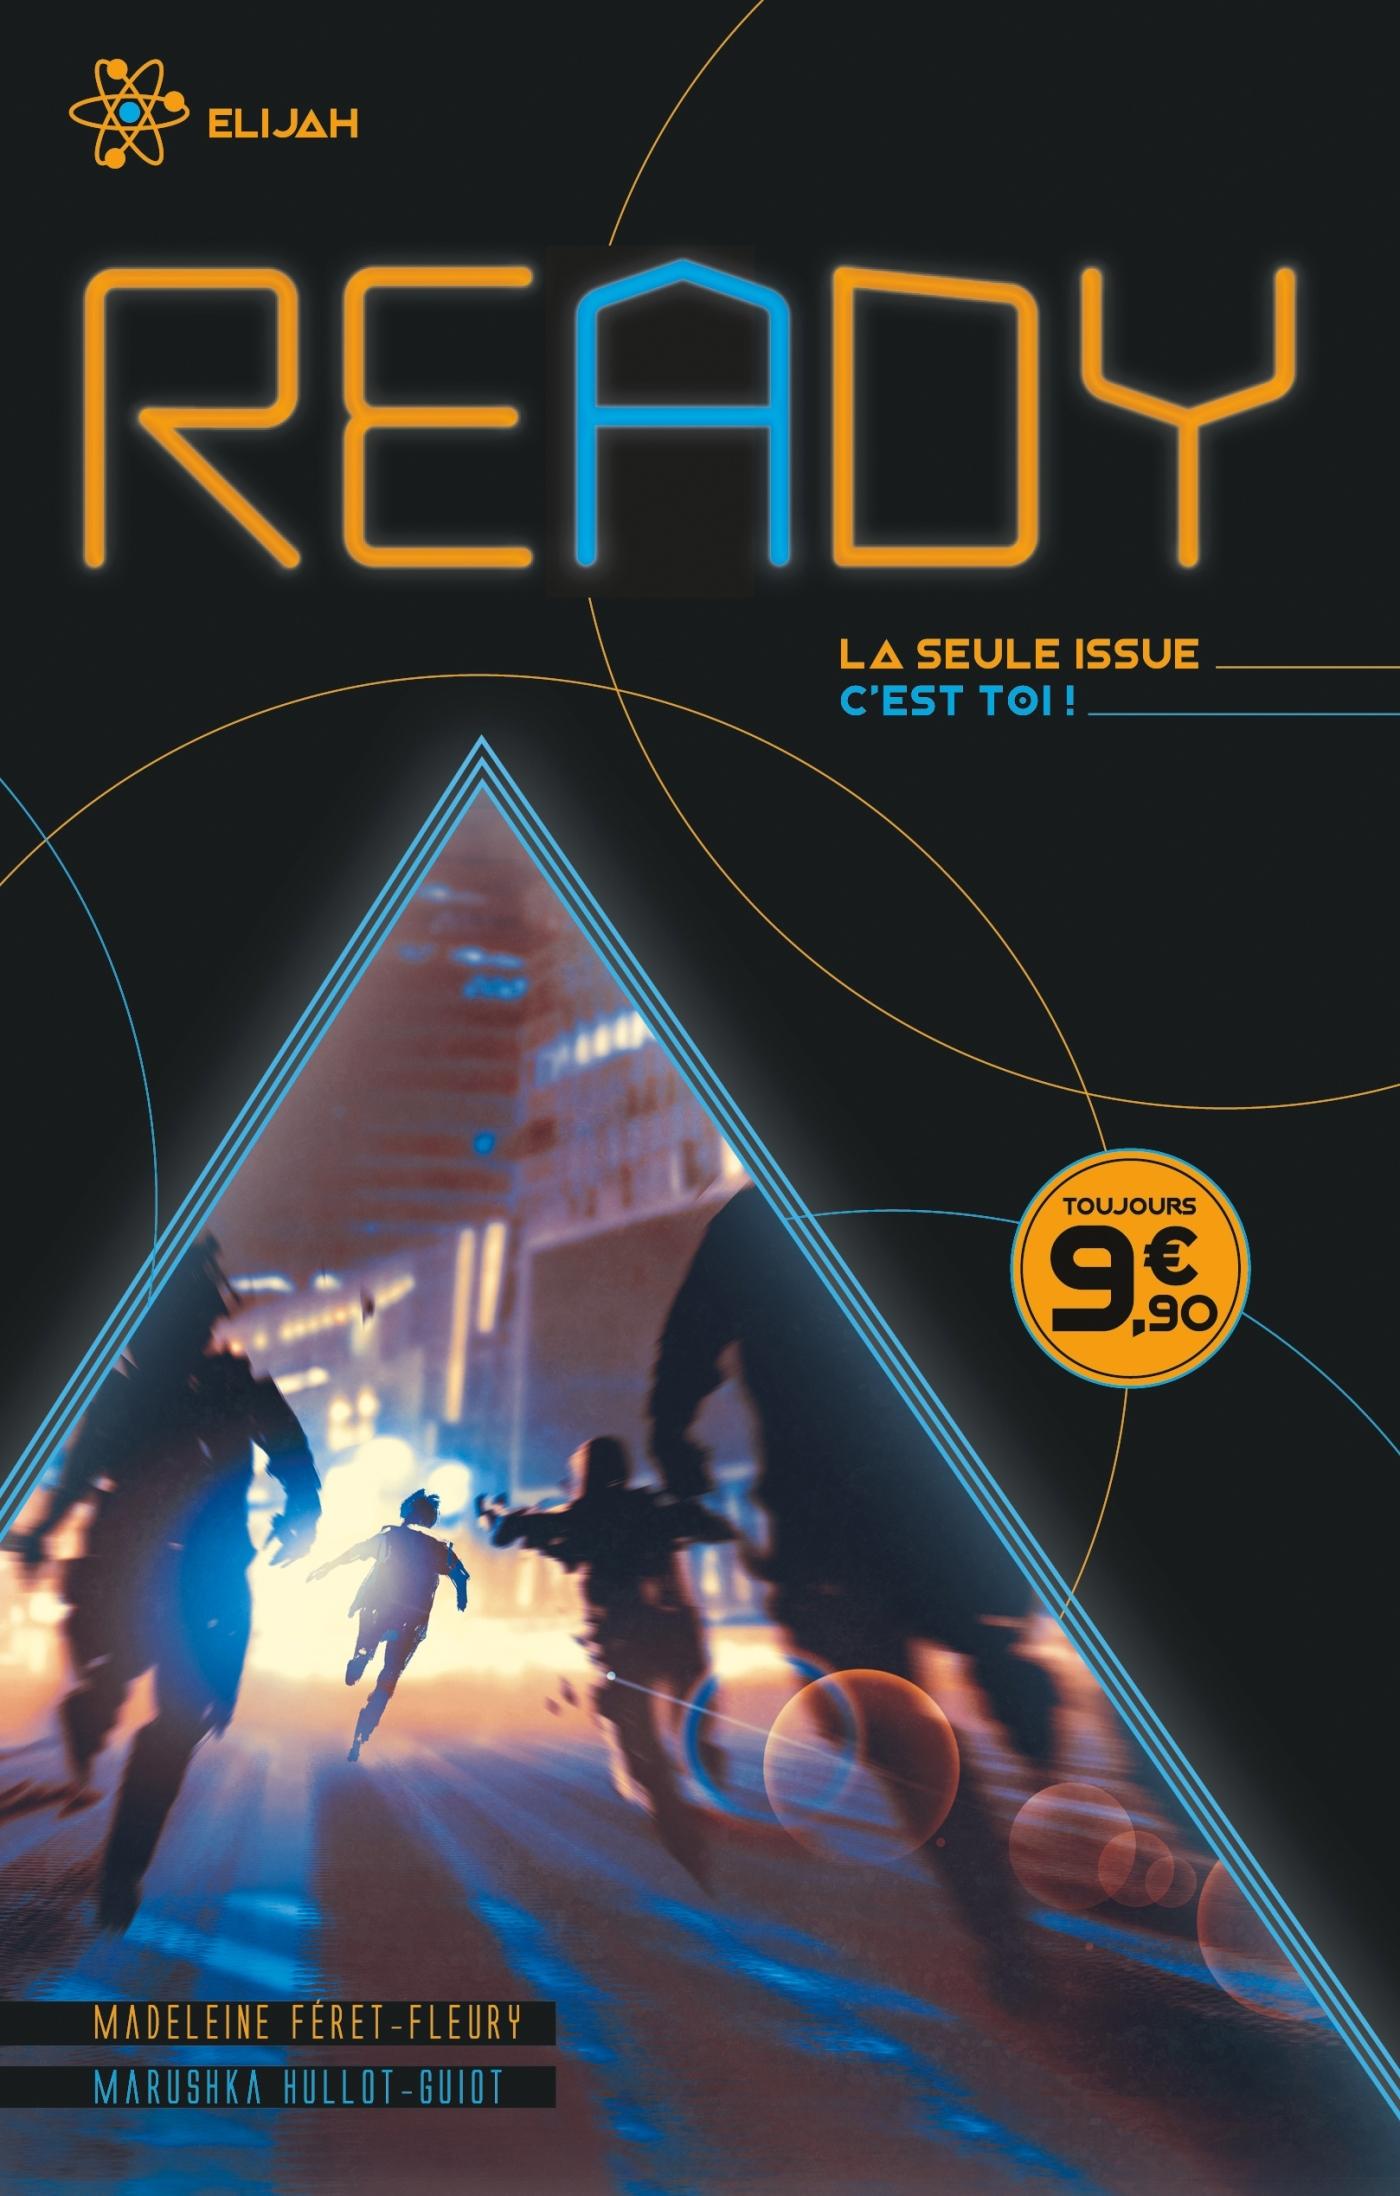 READY - ELIJAH - LA SEULE ISSUE, C'EST TOI